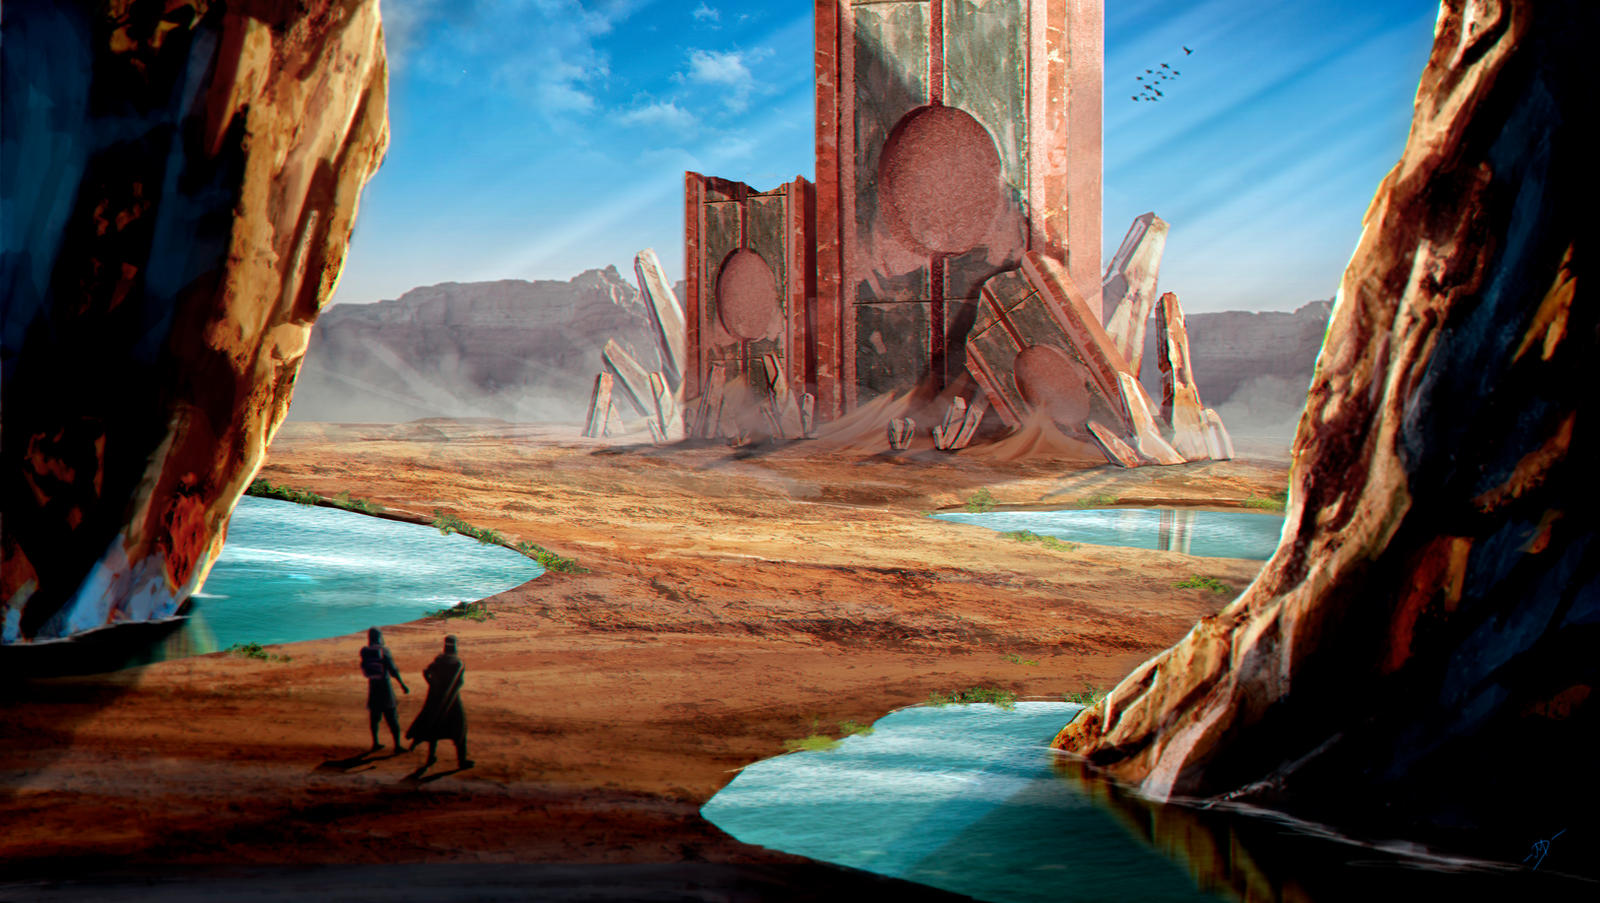 Tolonte Ruins